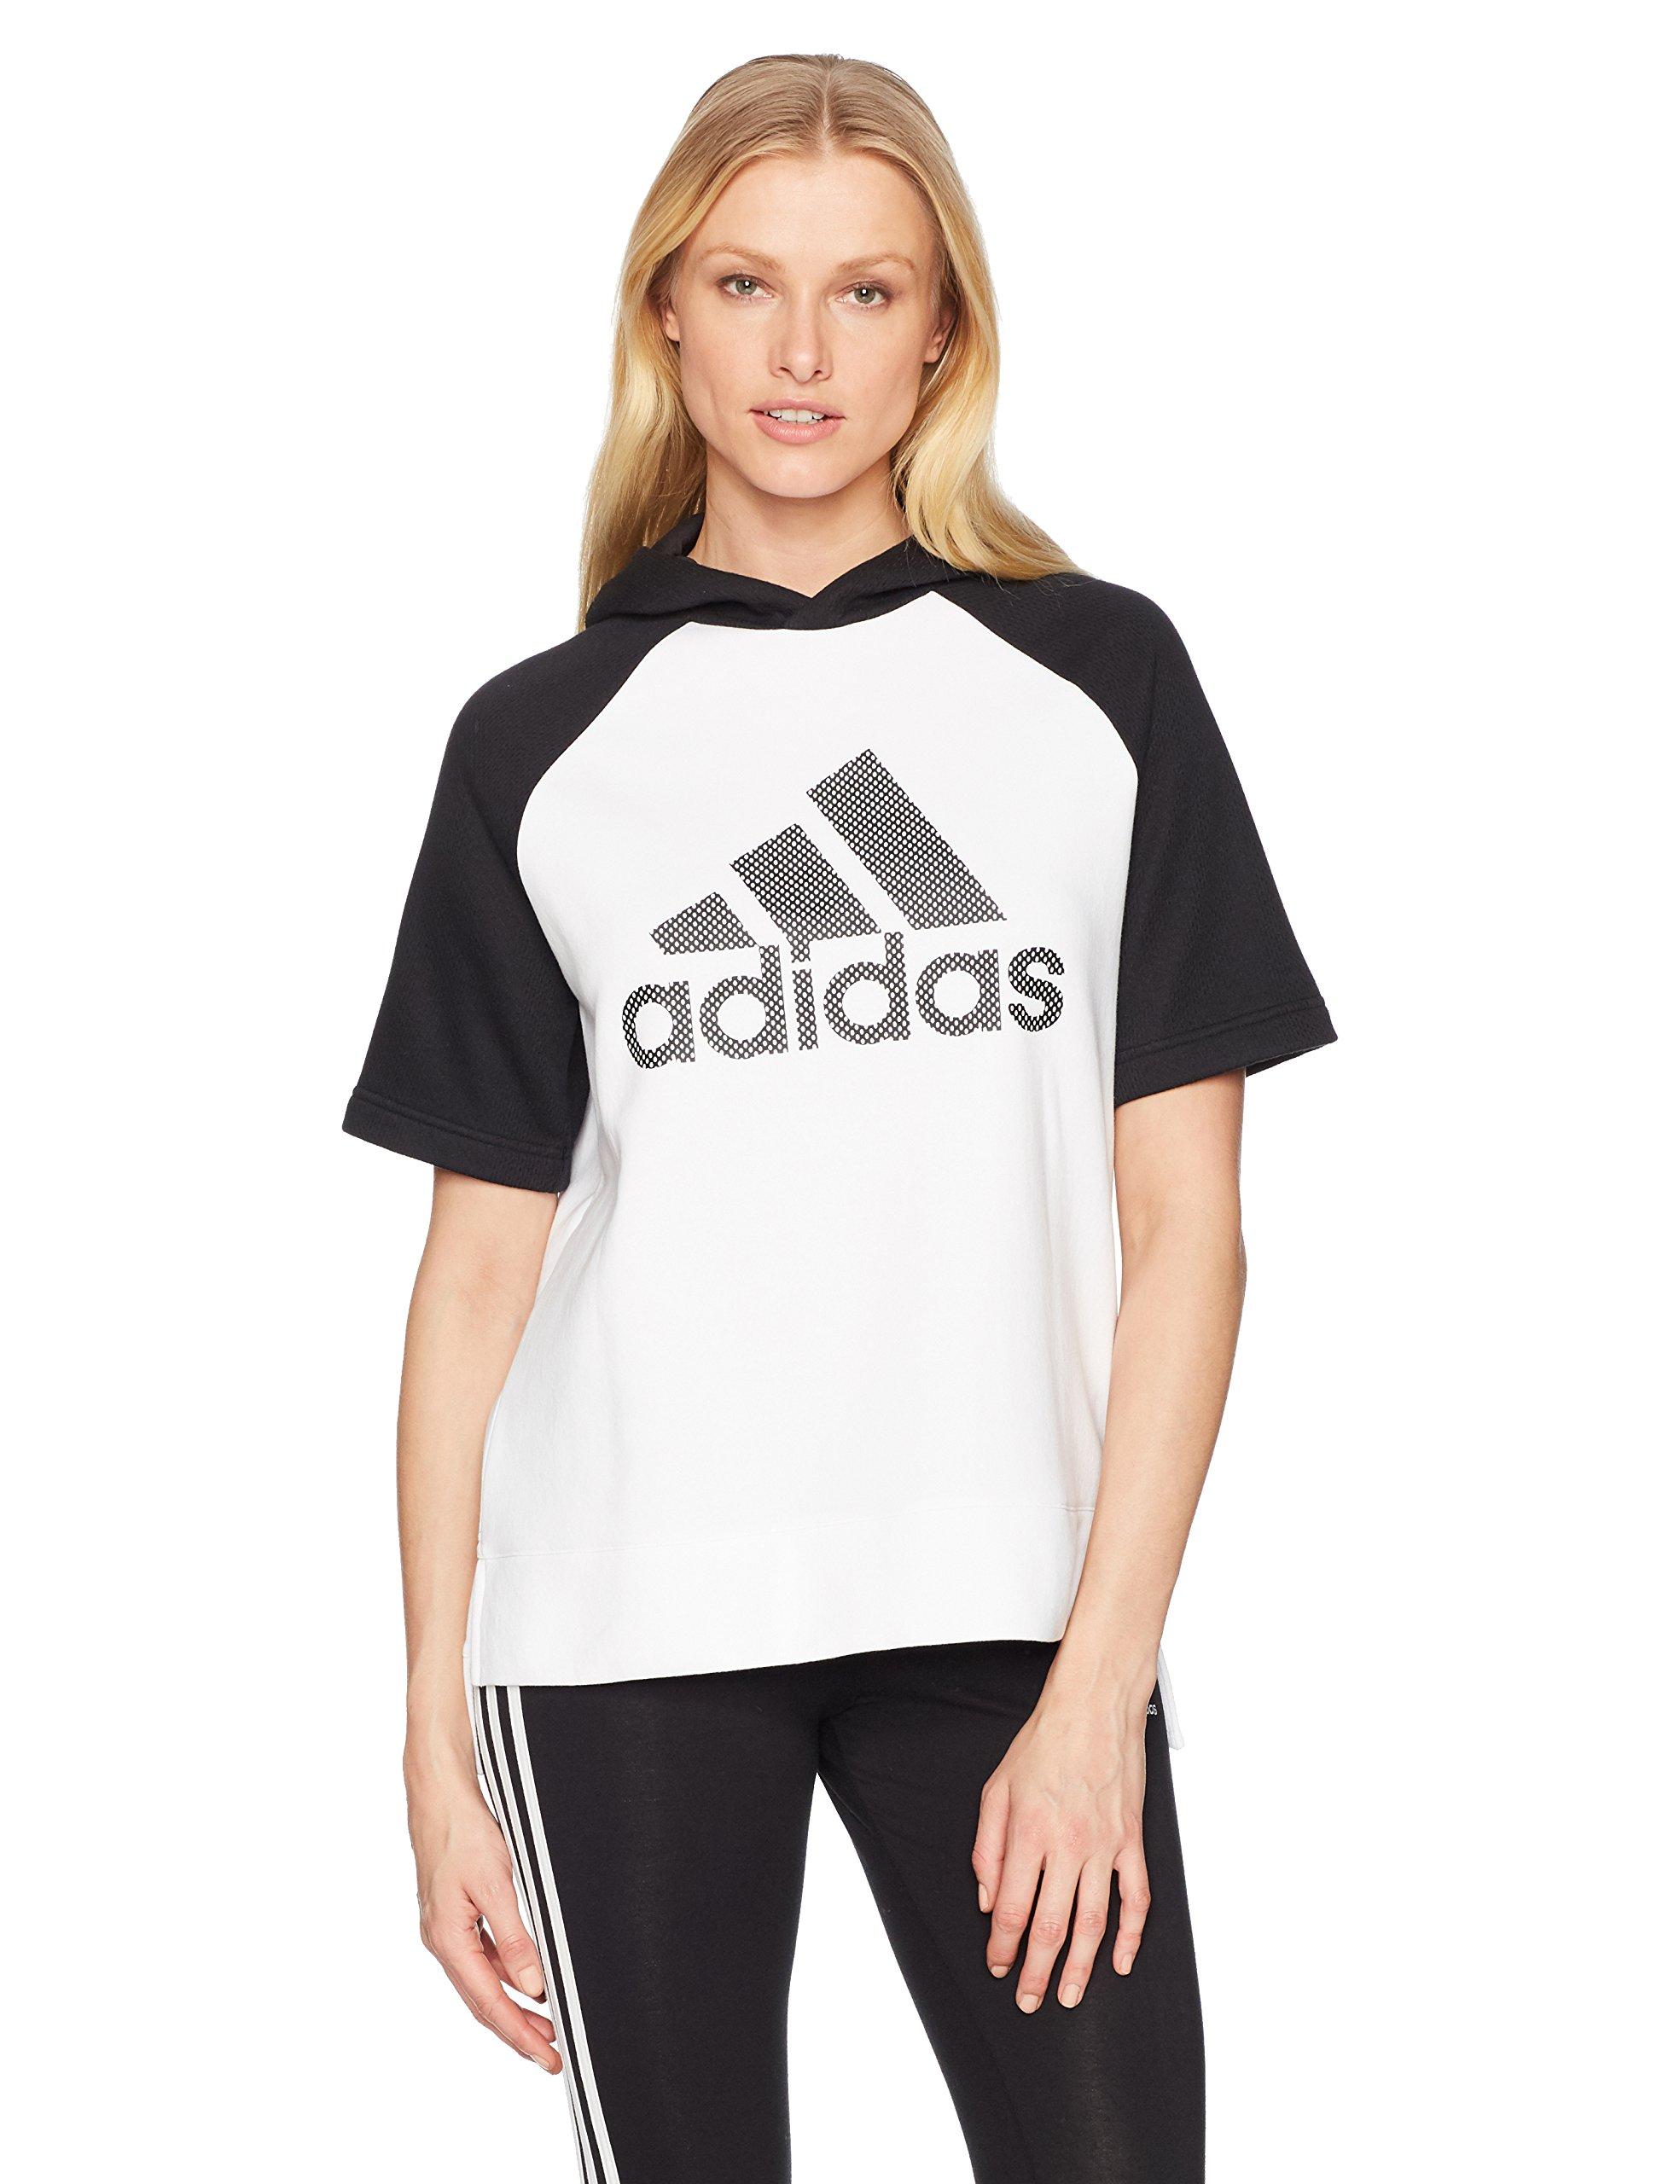 adidas Womens Athletics Fashion Full Zip Short sleeve Hoody, White/Black/Black, Large